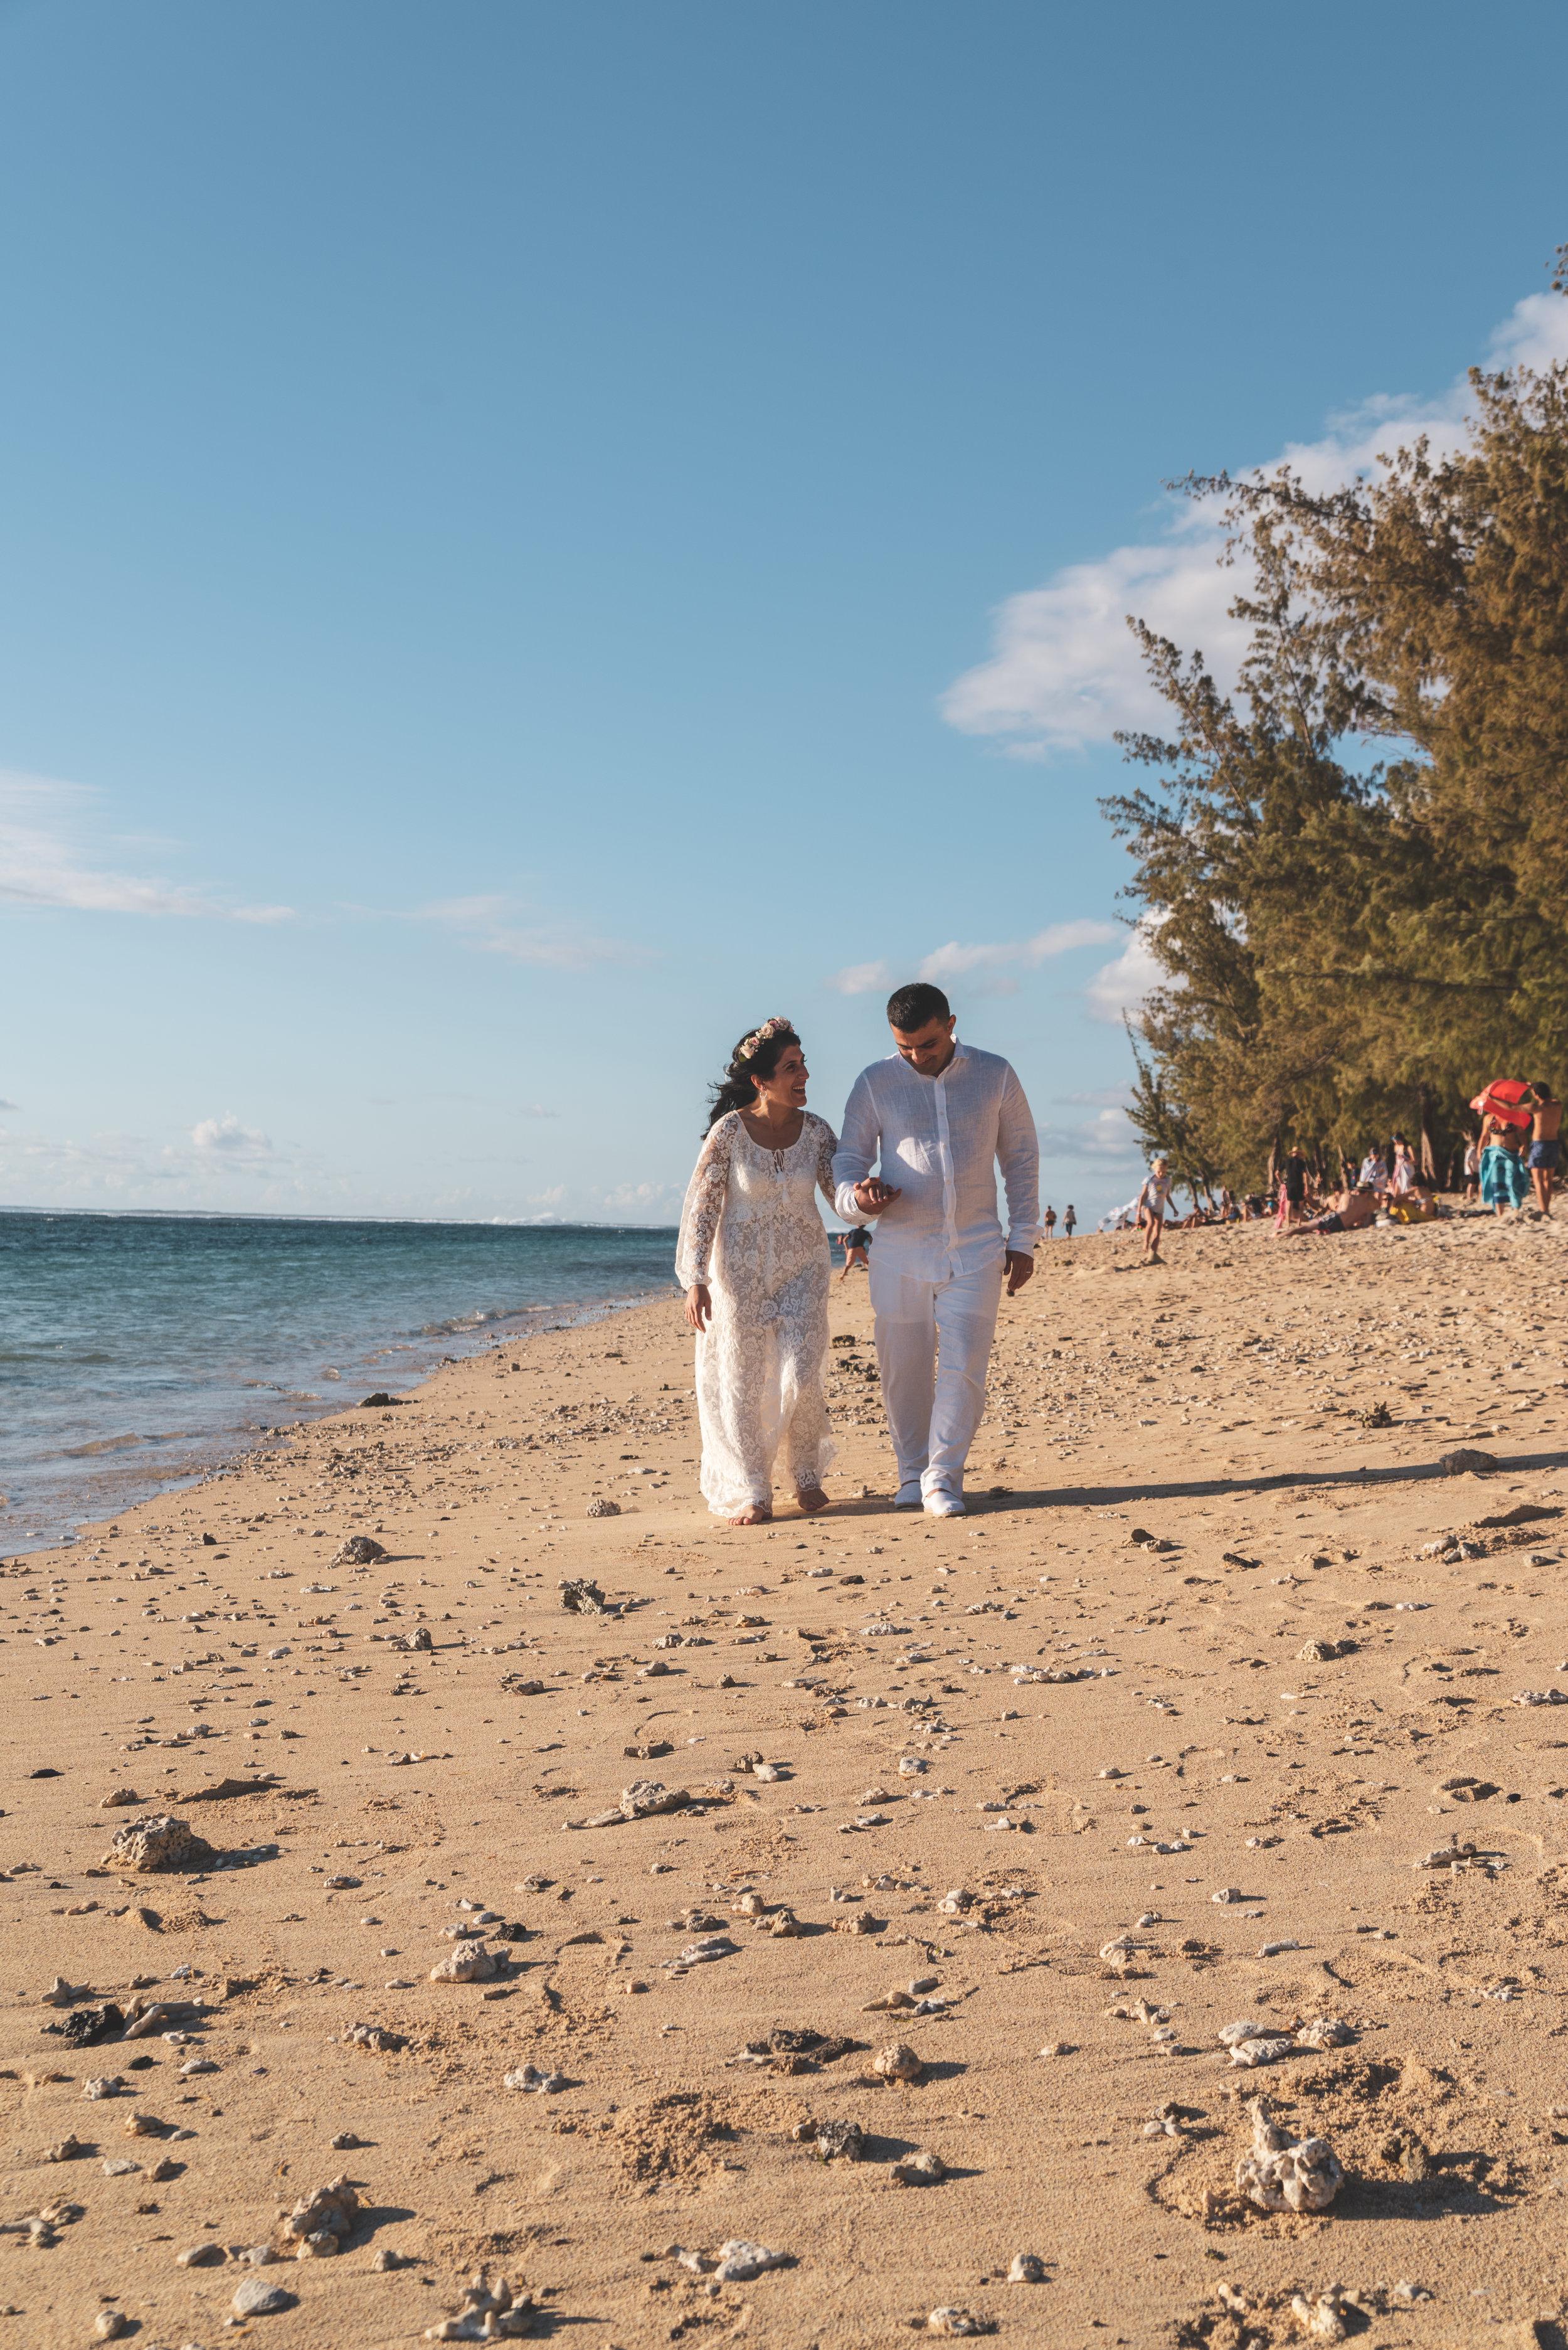 MRevenement organisation de mariage D et F cérémonie laïque La Réunion (15).jpeg